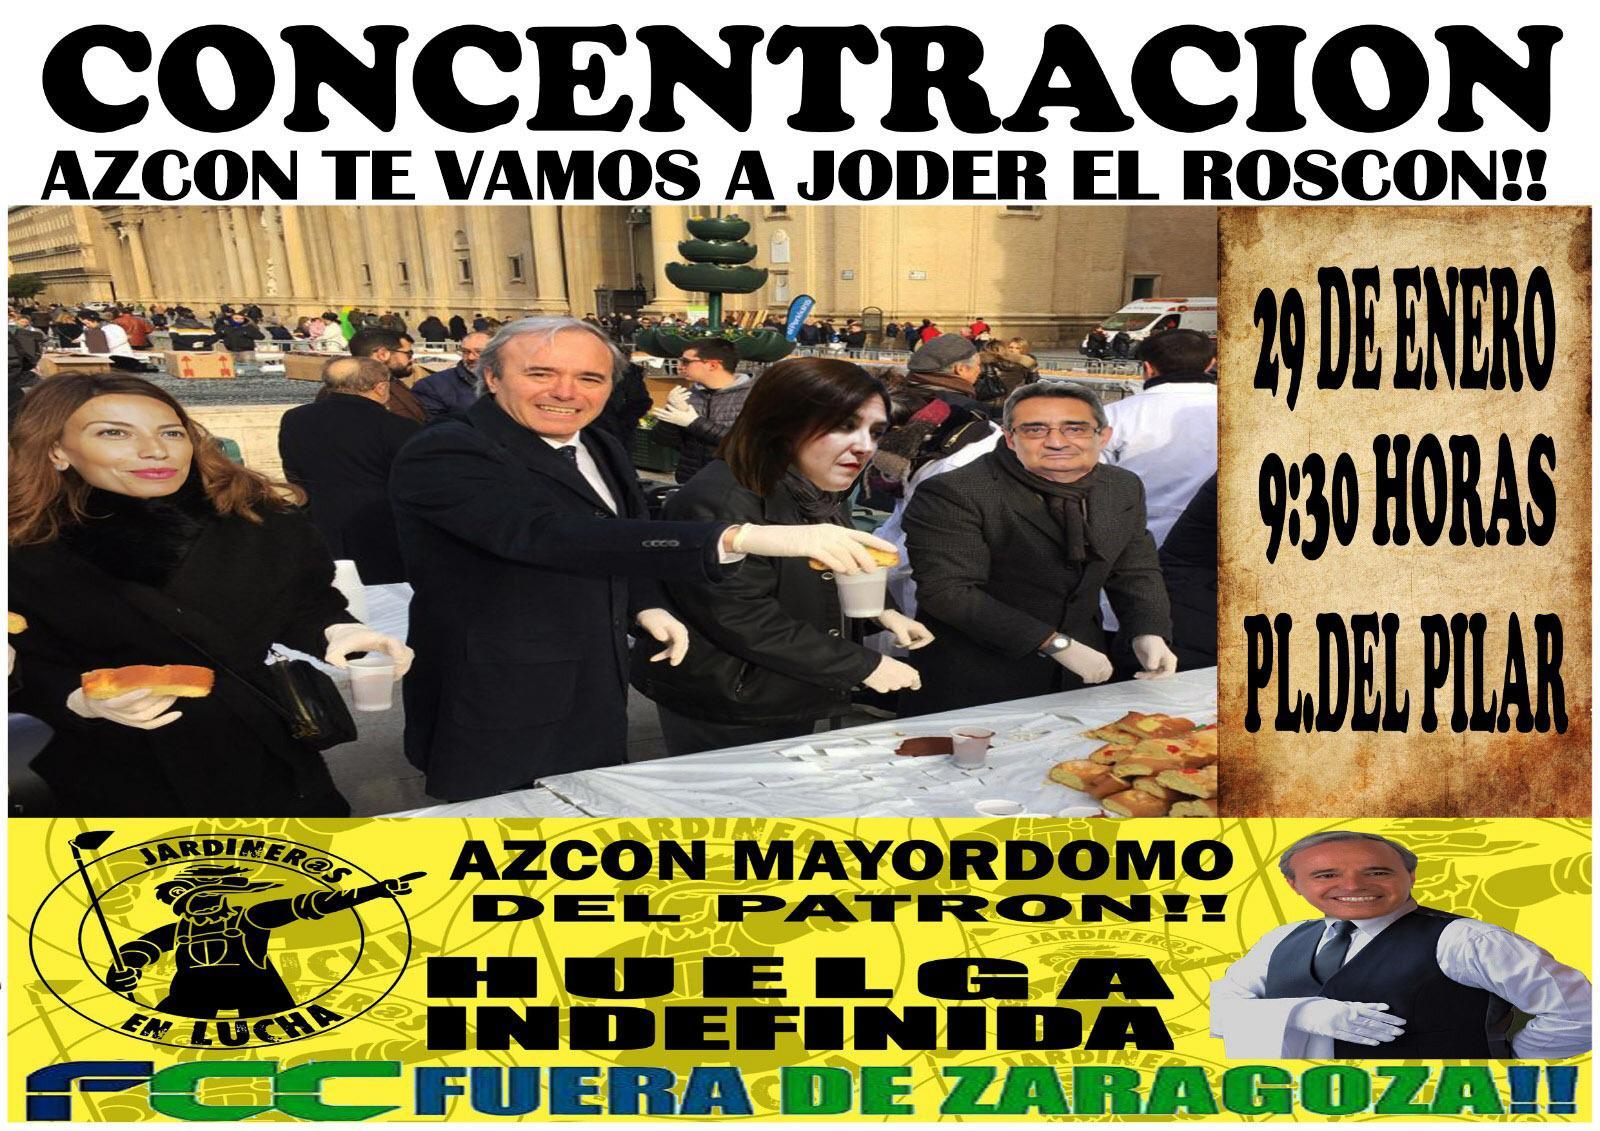 """"""" LAS Y LOS JARDINEROS ENCARAN SU SEGUNDA SEMANA DE HUELGA CON UNA ESPIRAL DE PROTESTAS CONTRA EL ALCALDE AZCON """""""